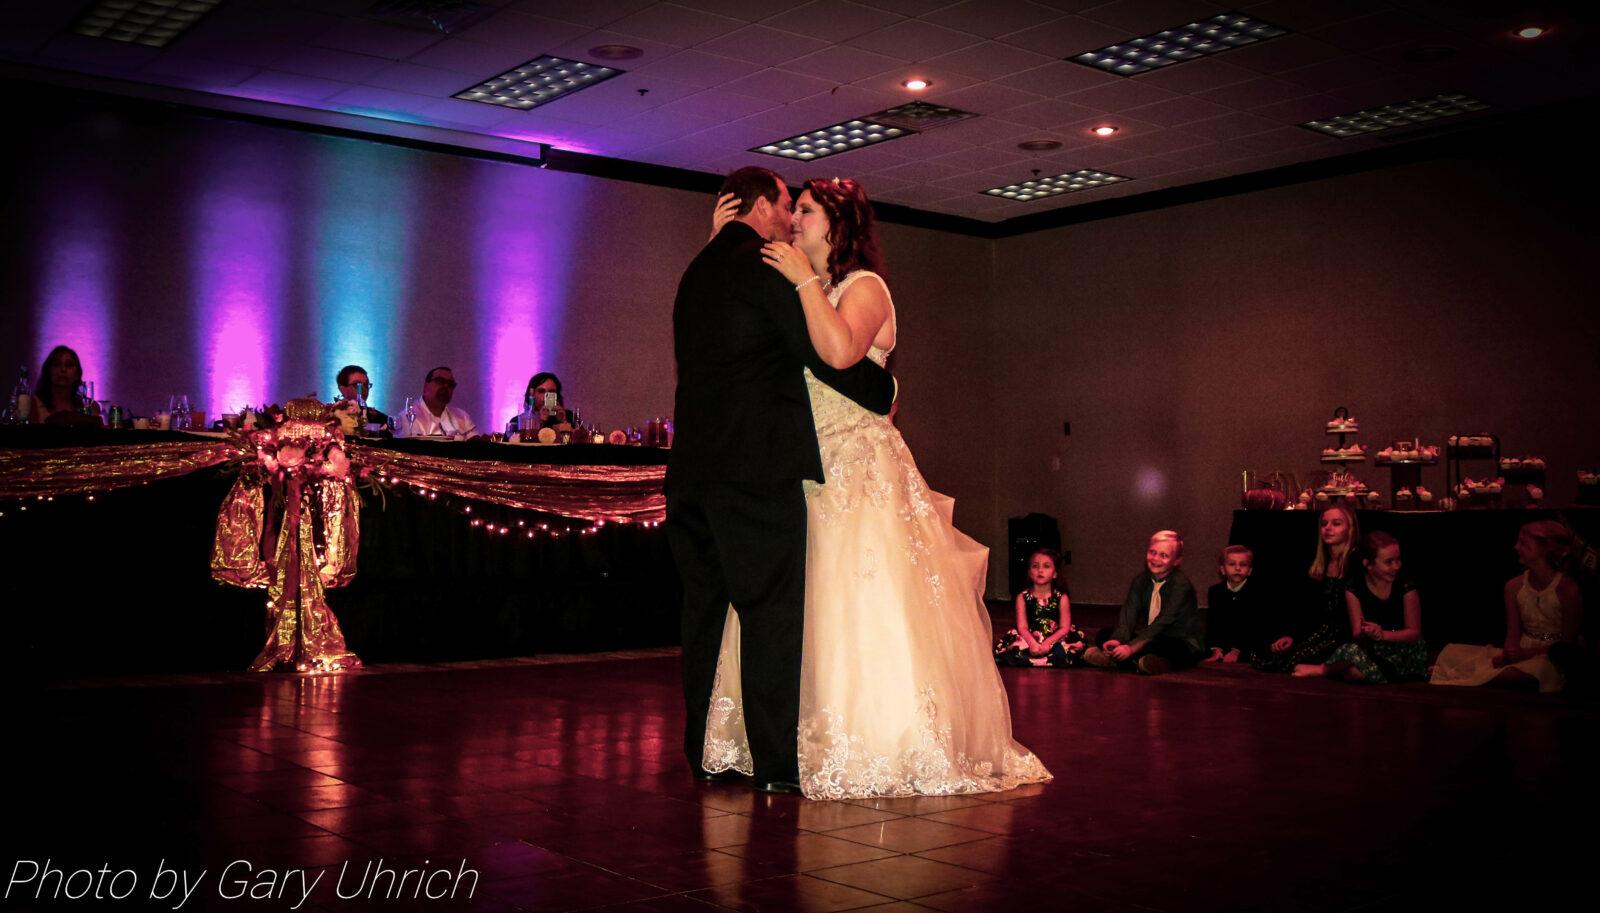 Bride and Groom Dance Floor with Uplighting